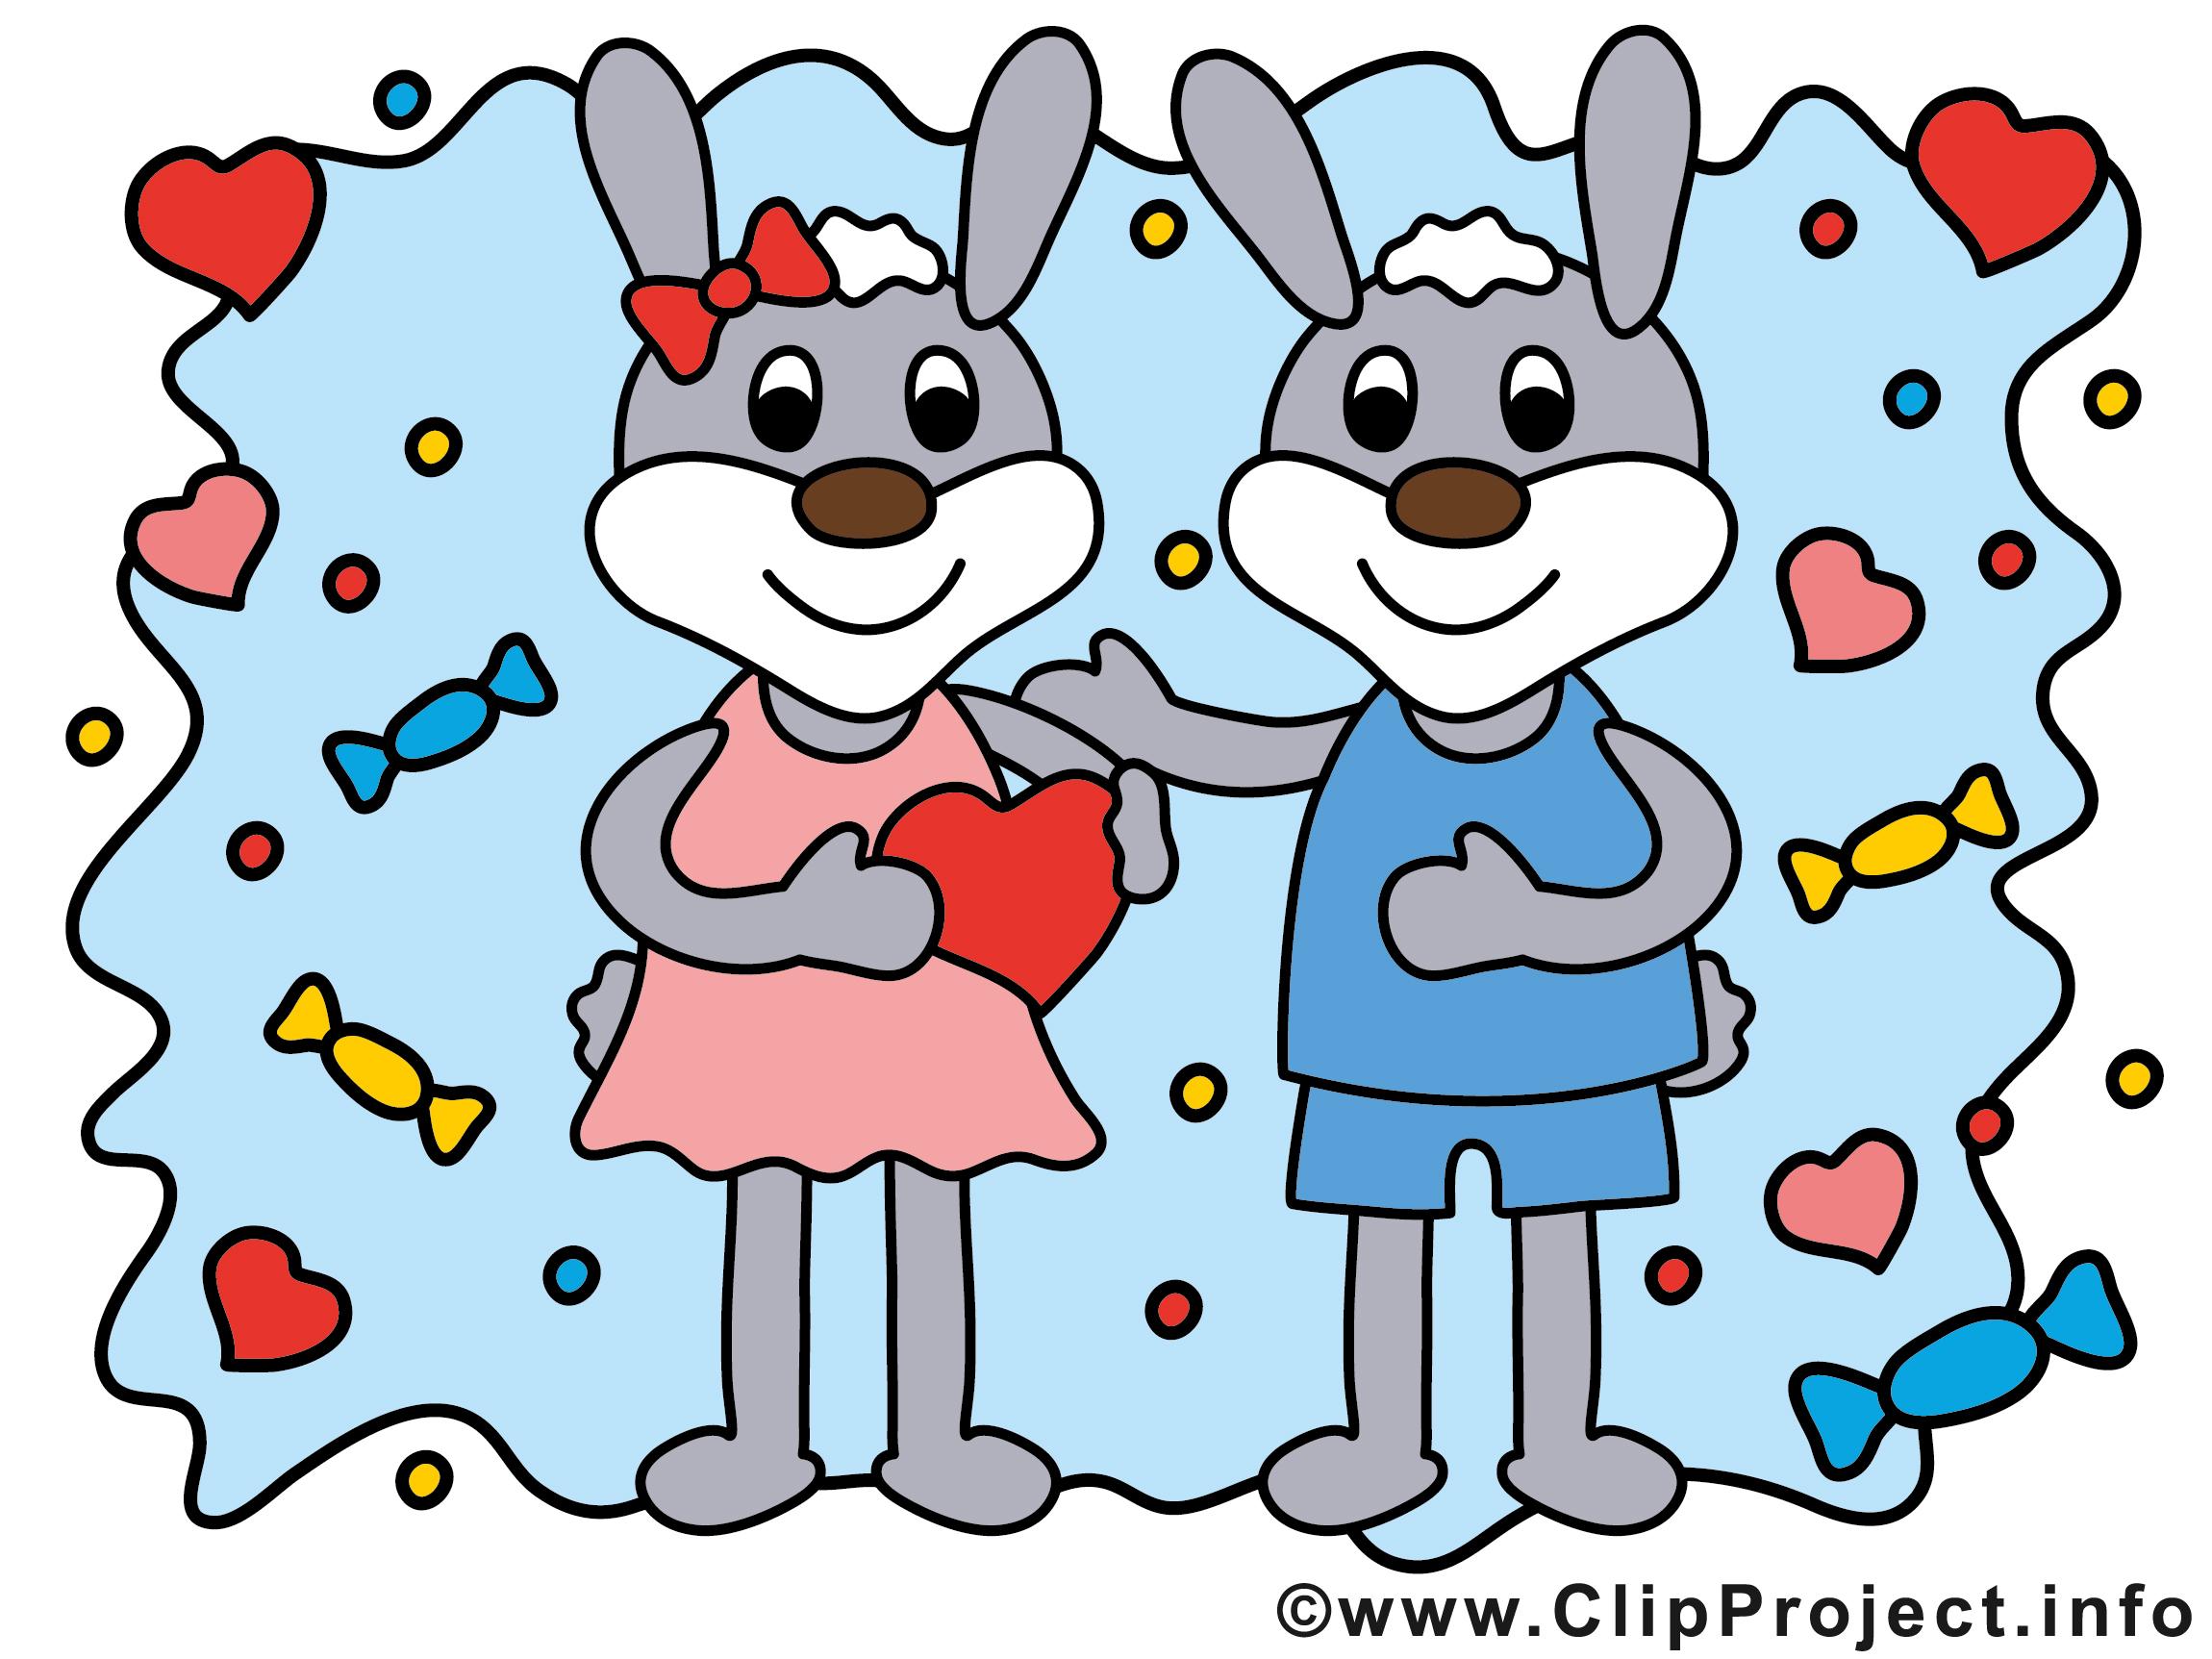 Bilder für Verliebte - Zwei niedliche Hasen